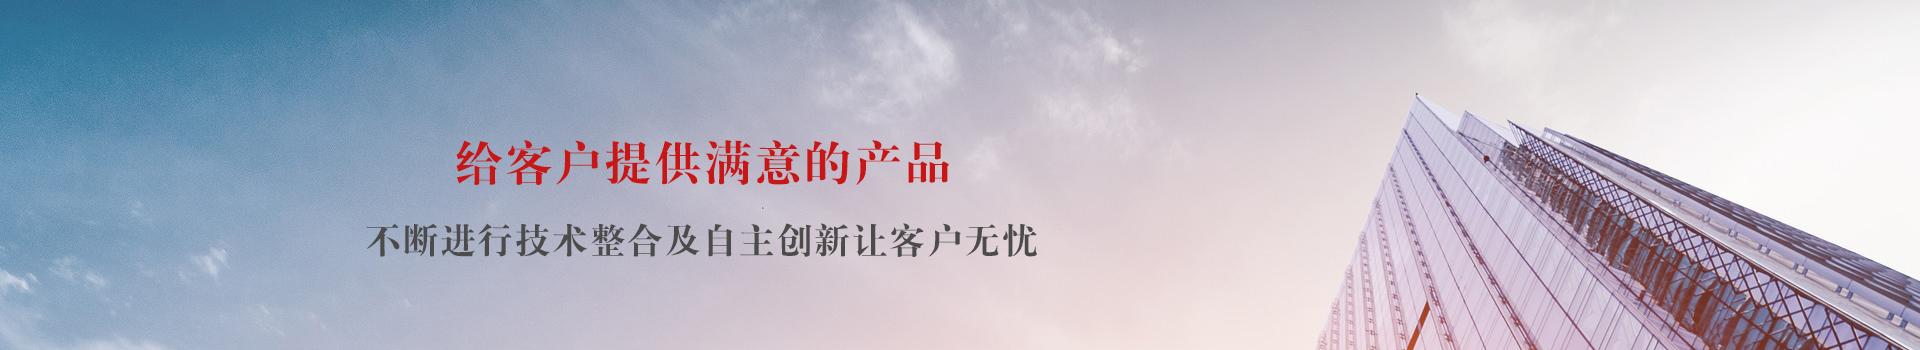 http://www.hongyugs.cn/data/upload/202004/20200429181759_329.jpg